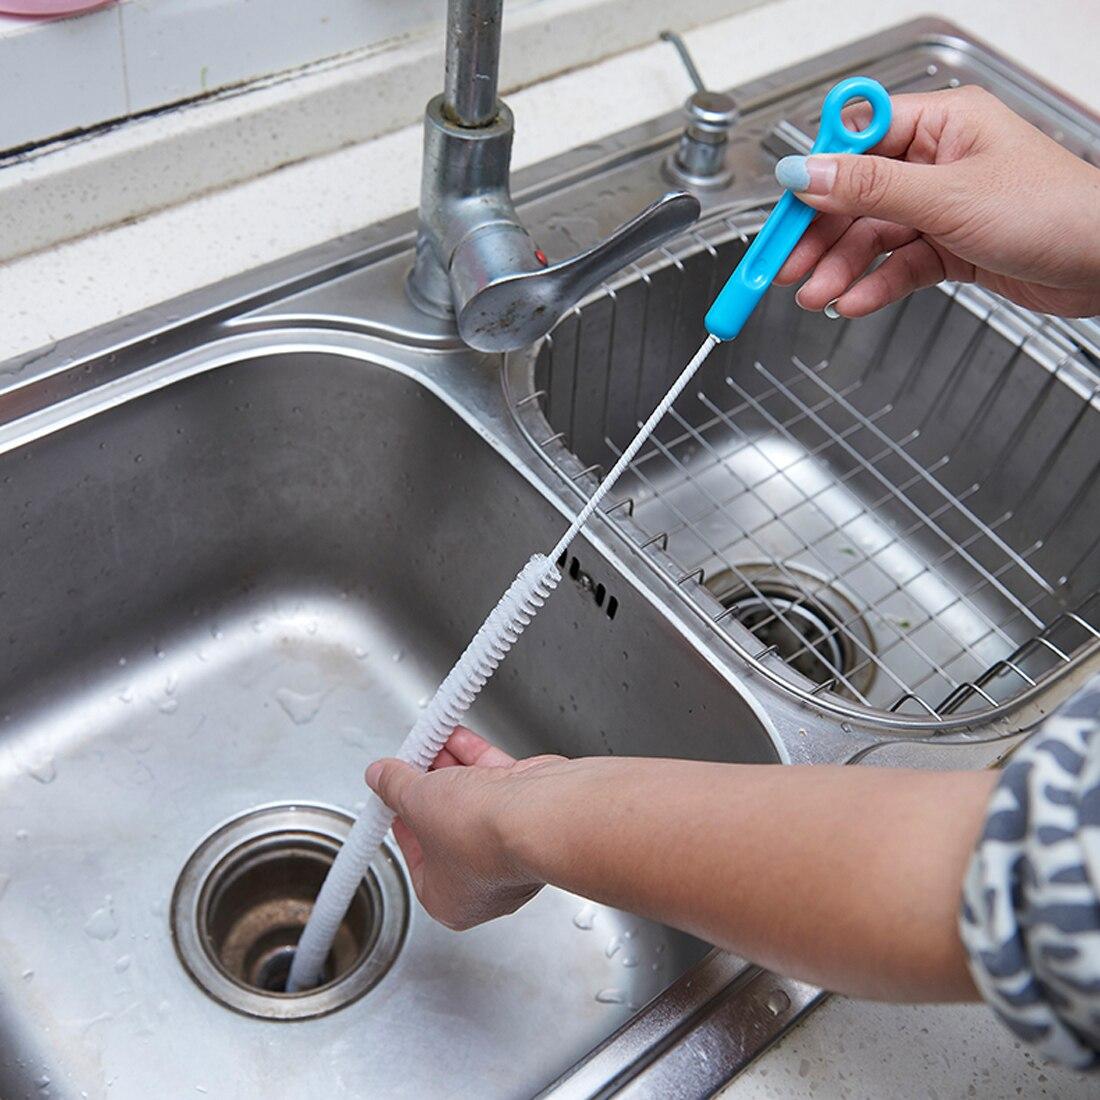 Home Biegsamen Sink Tub Wc Dredge Rohr Schlange Pinsel Werkzeuge Kreative Bad Küche Zubehör Kanalisation Reinigung Pinsel Haus & Garten